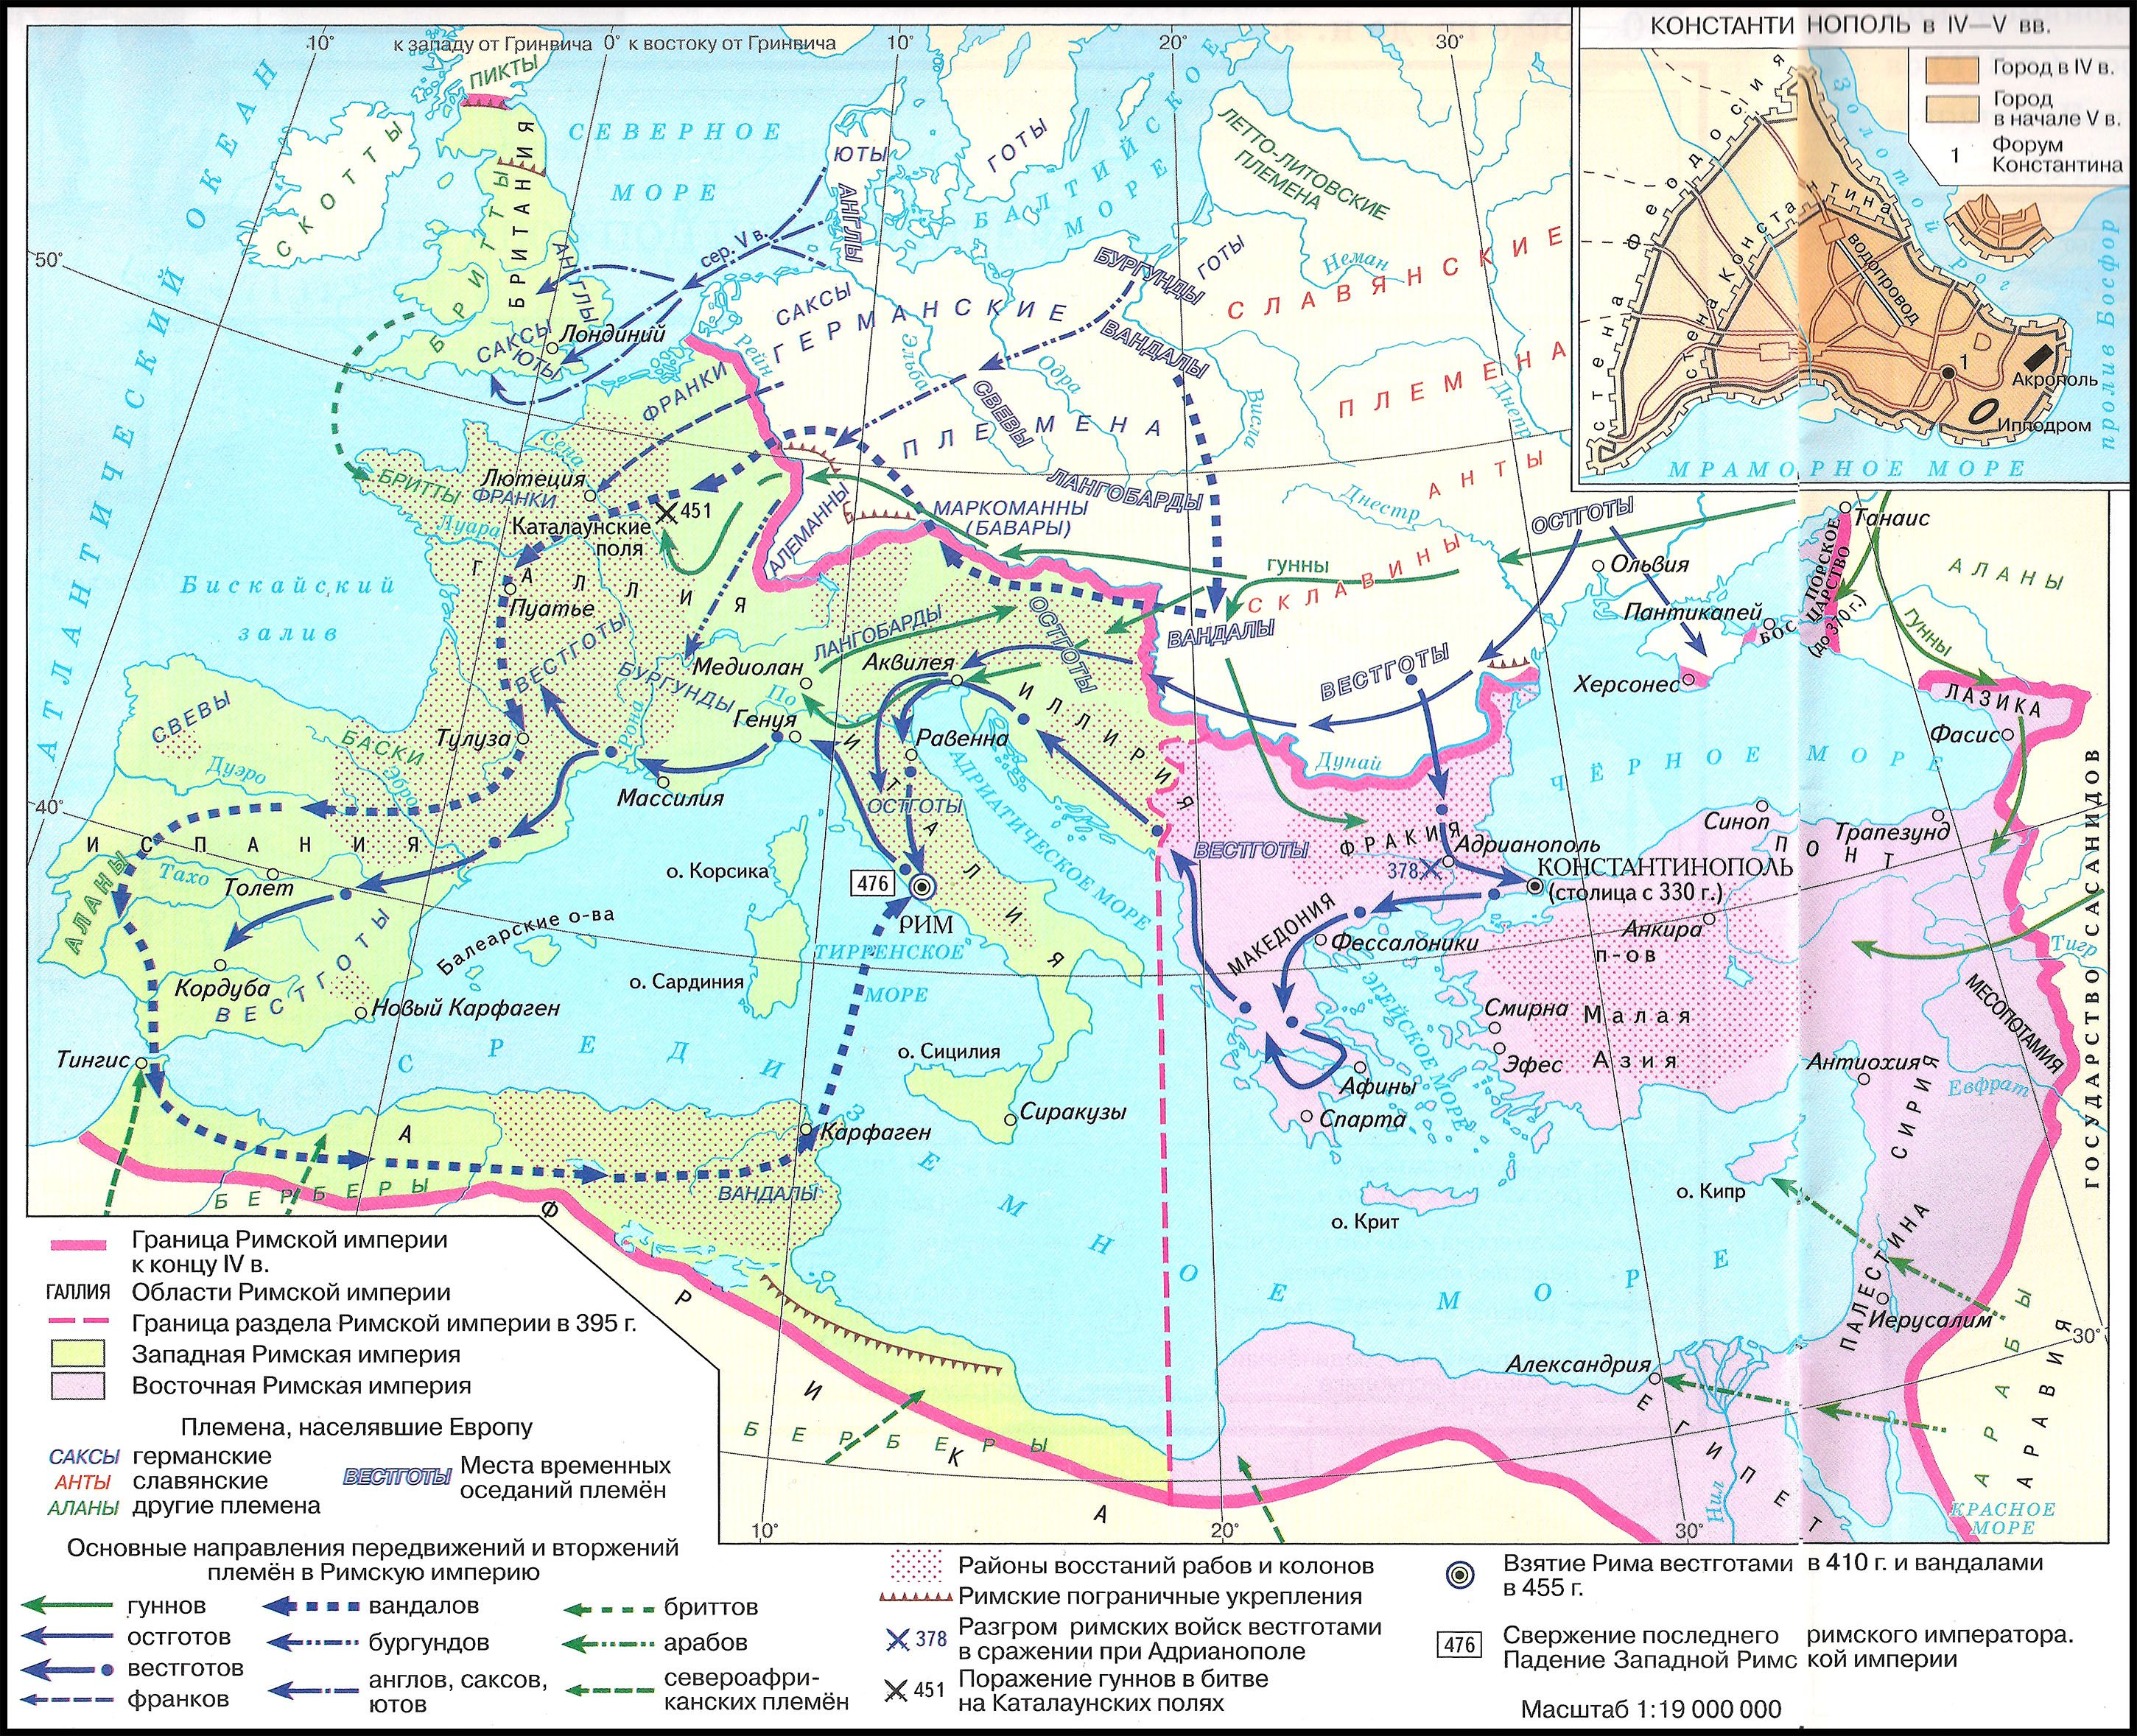 Великое переселение народов, IV-V вв. Падение Западной Римской империи